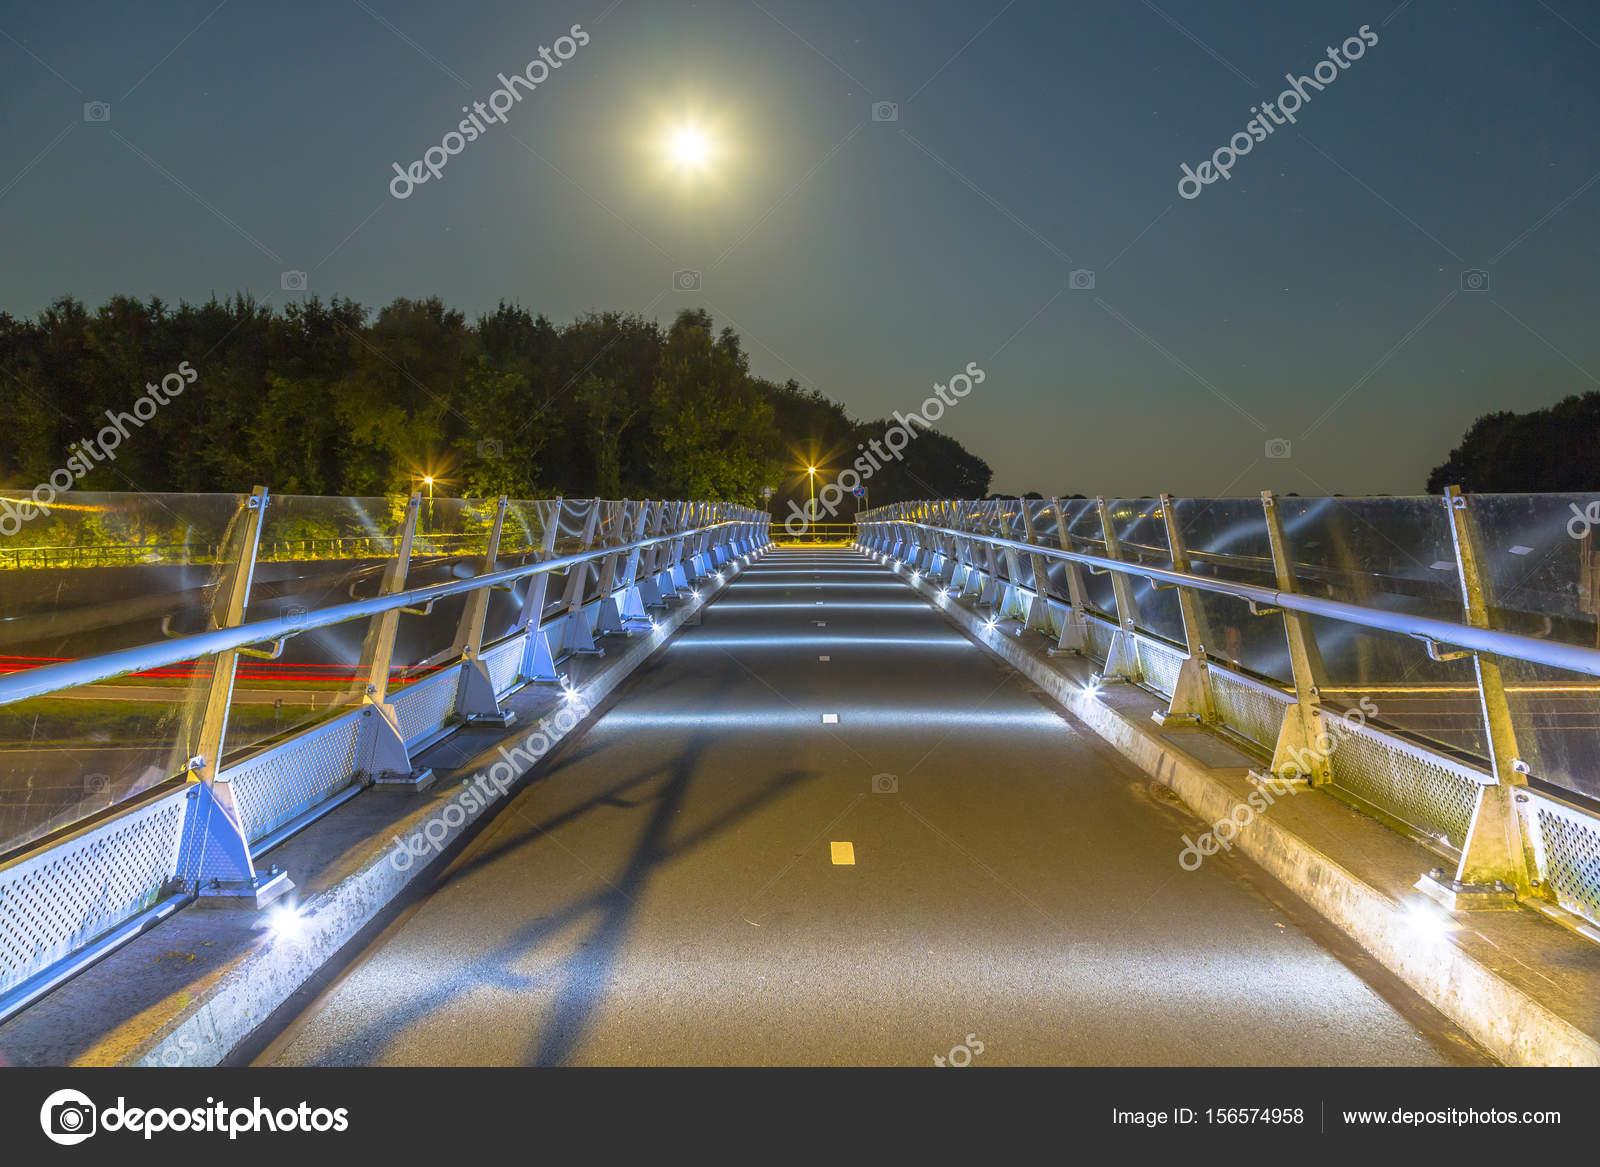 Ponte in bicicletta con illuminazione a basso livello u2014 foto stock